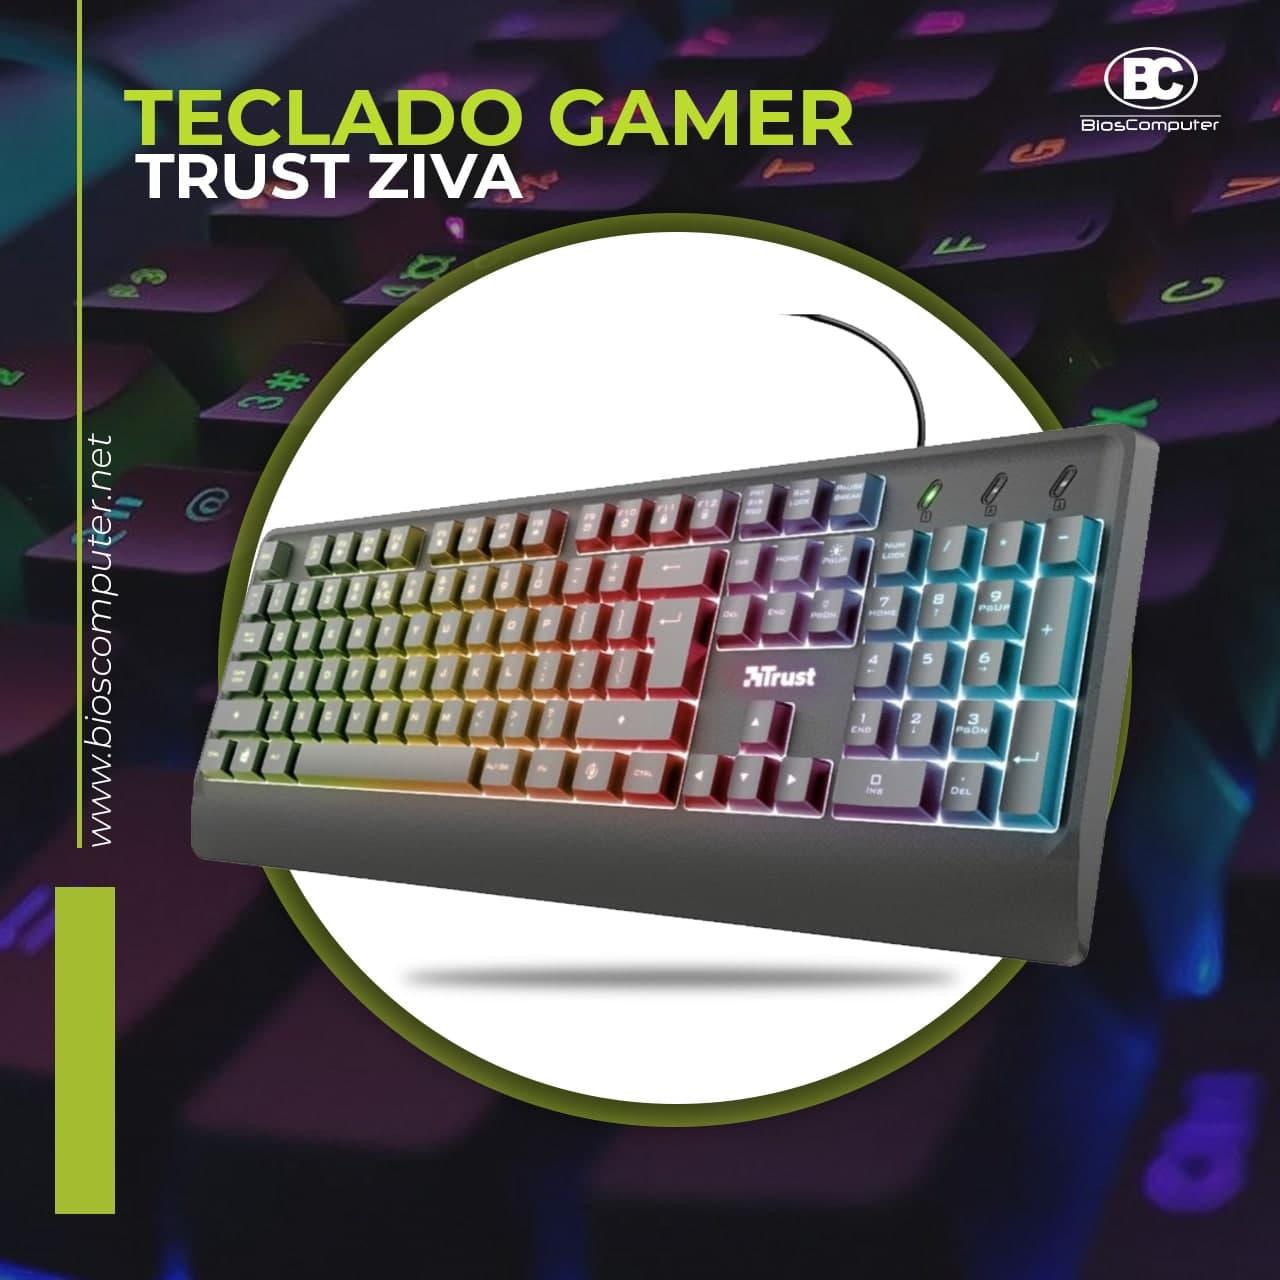 Teclado Gamer Trust Ziva